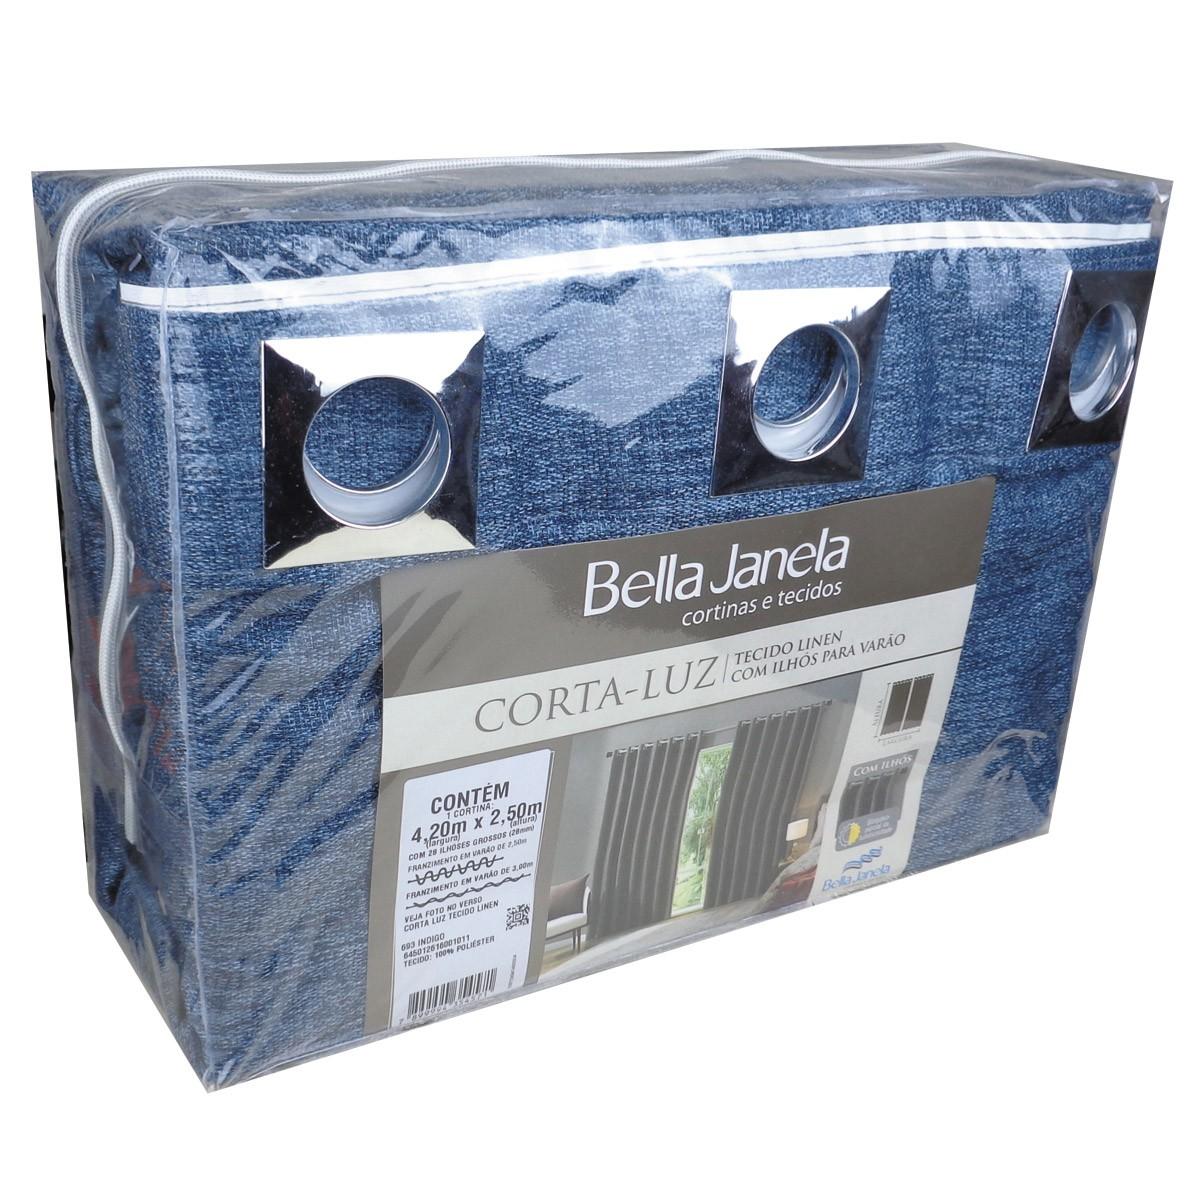 Cortina Blackout Tecido Linen Indigo 4,20 x 2,50 Bella Janela